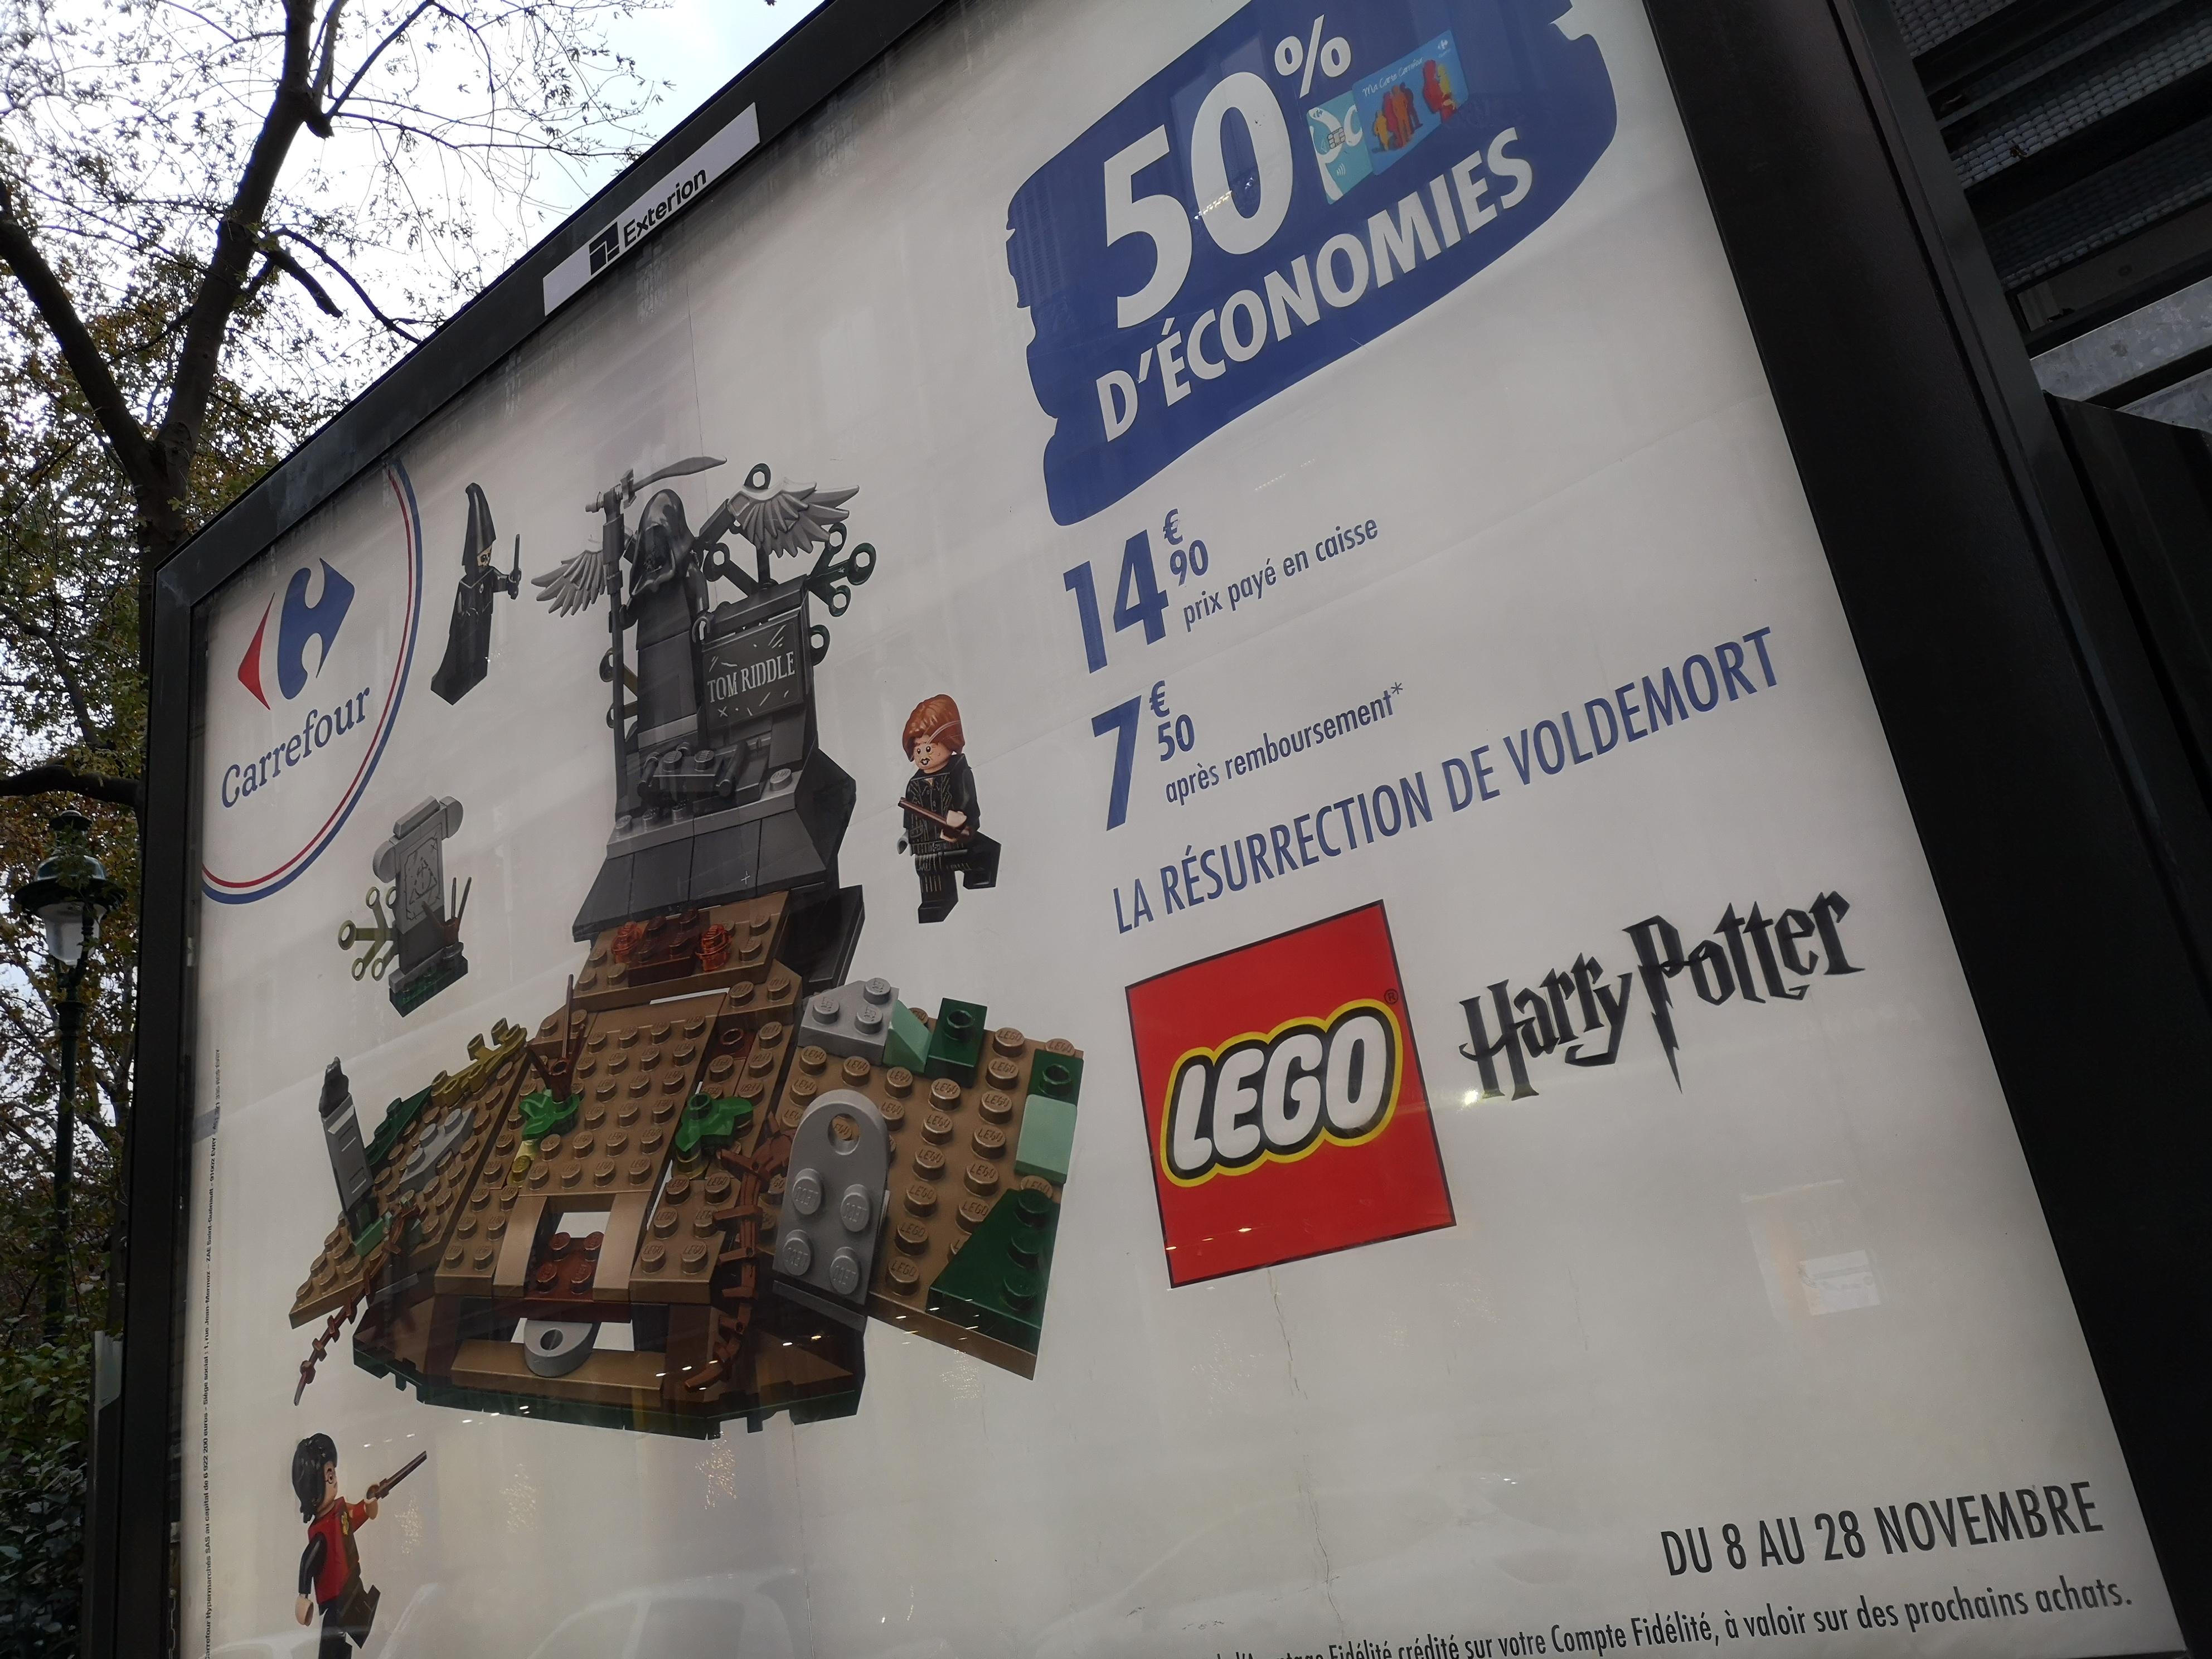 Jeu de construction Lego (75965) - La résurrection de Voldemort (via 7€40 sur la carte Carrefour)